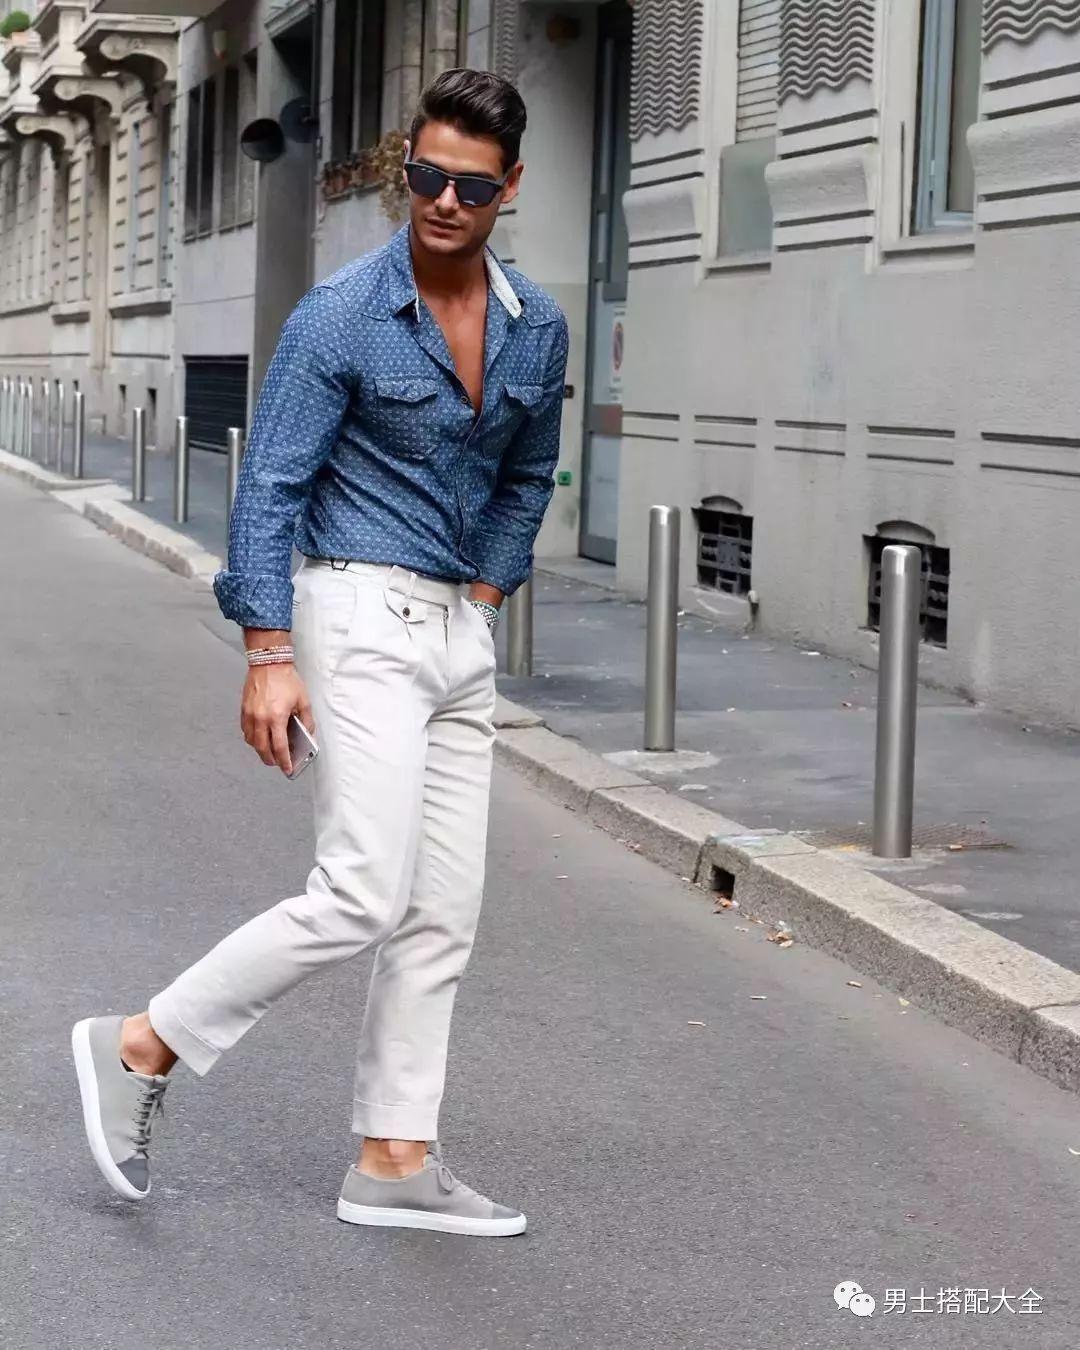 时尚 | 几个风格不同的ins男装搭配博主值得关注